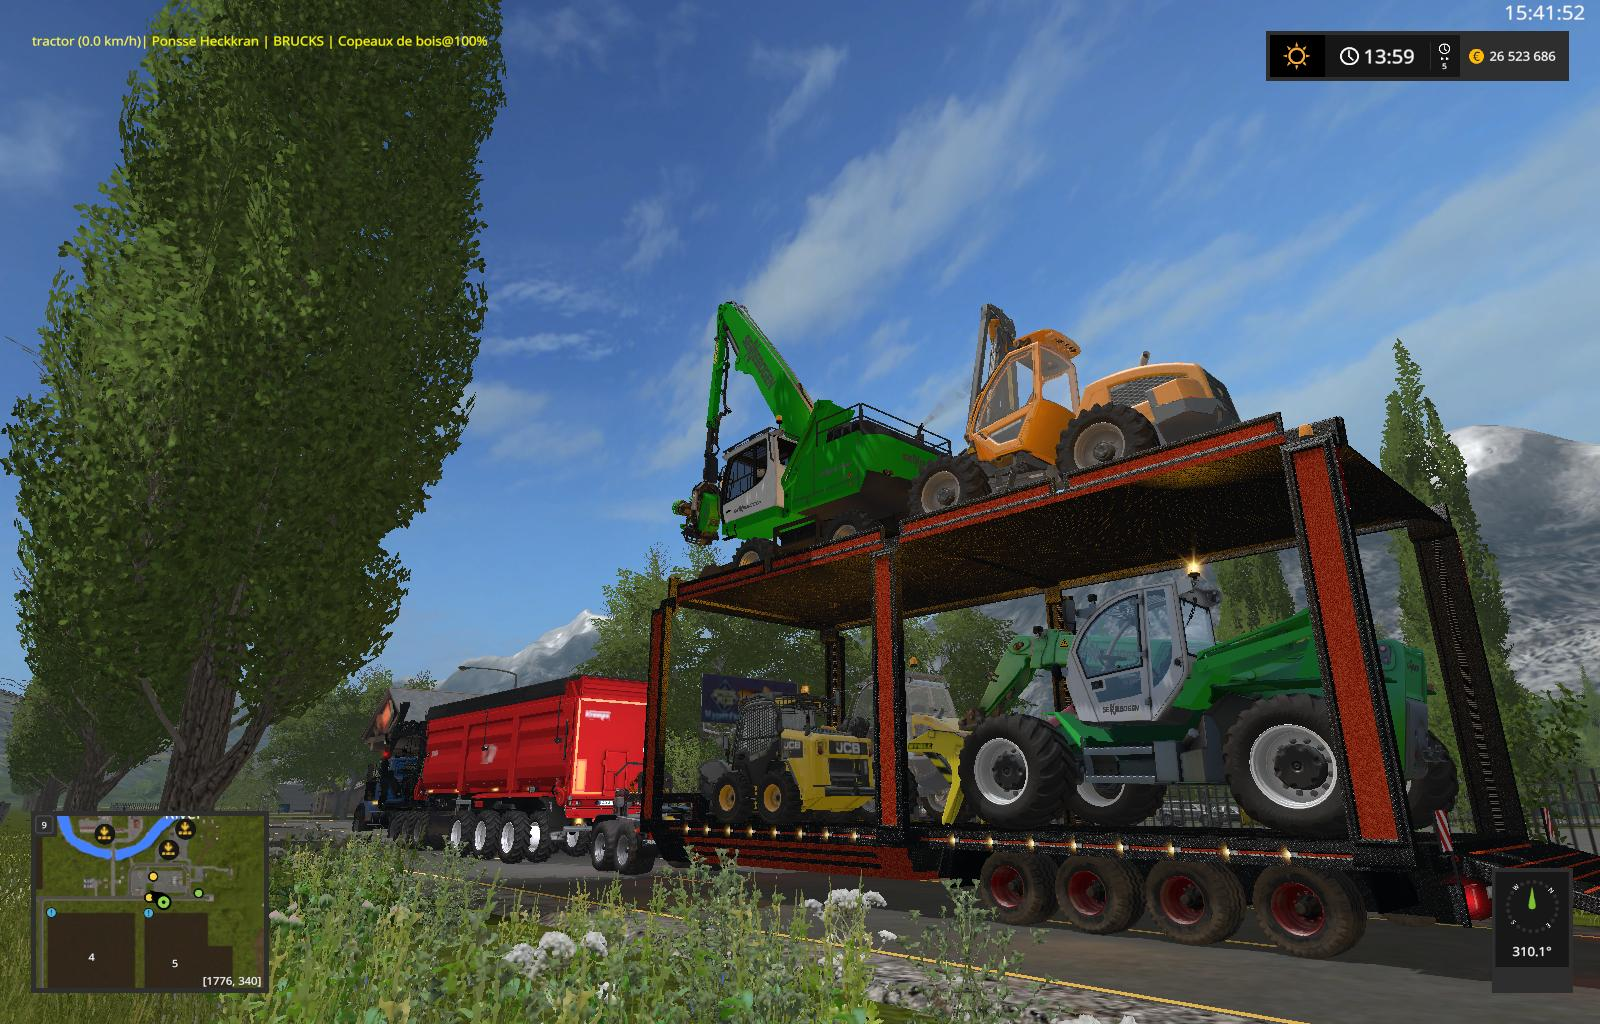 queen of transport v1 0 fs 17 farming simulator 17 mod. Black Bedroom Furniture Sets. Home Design Ideas